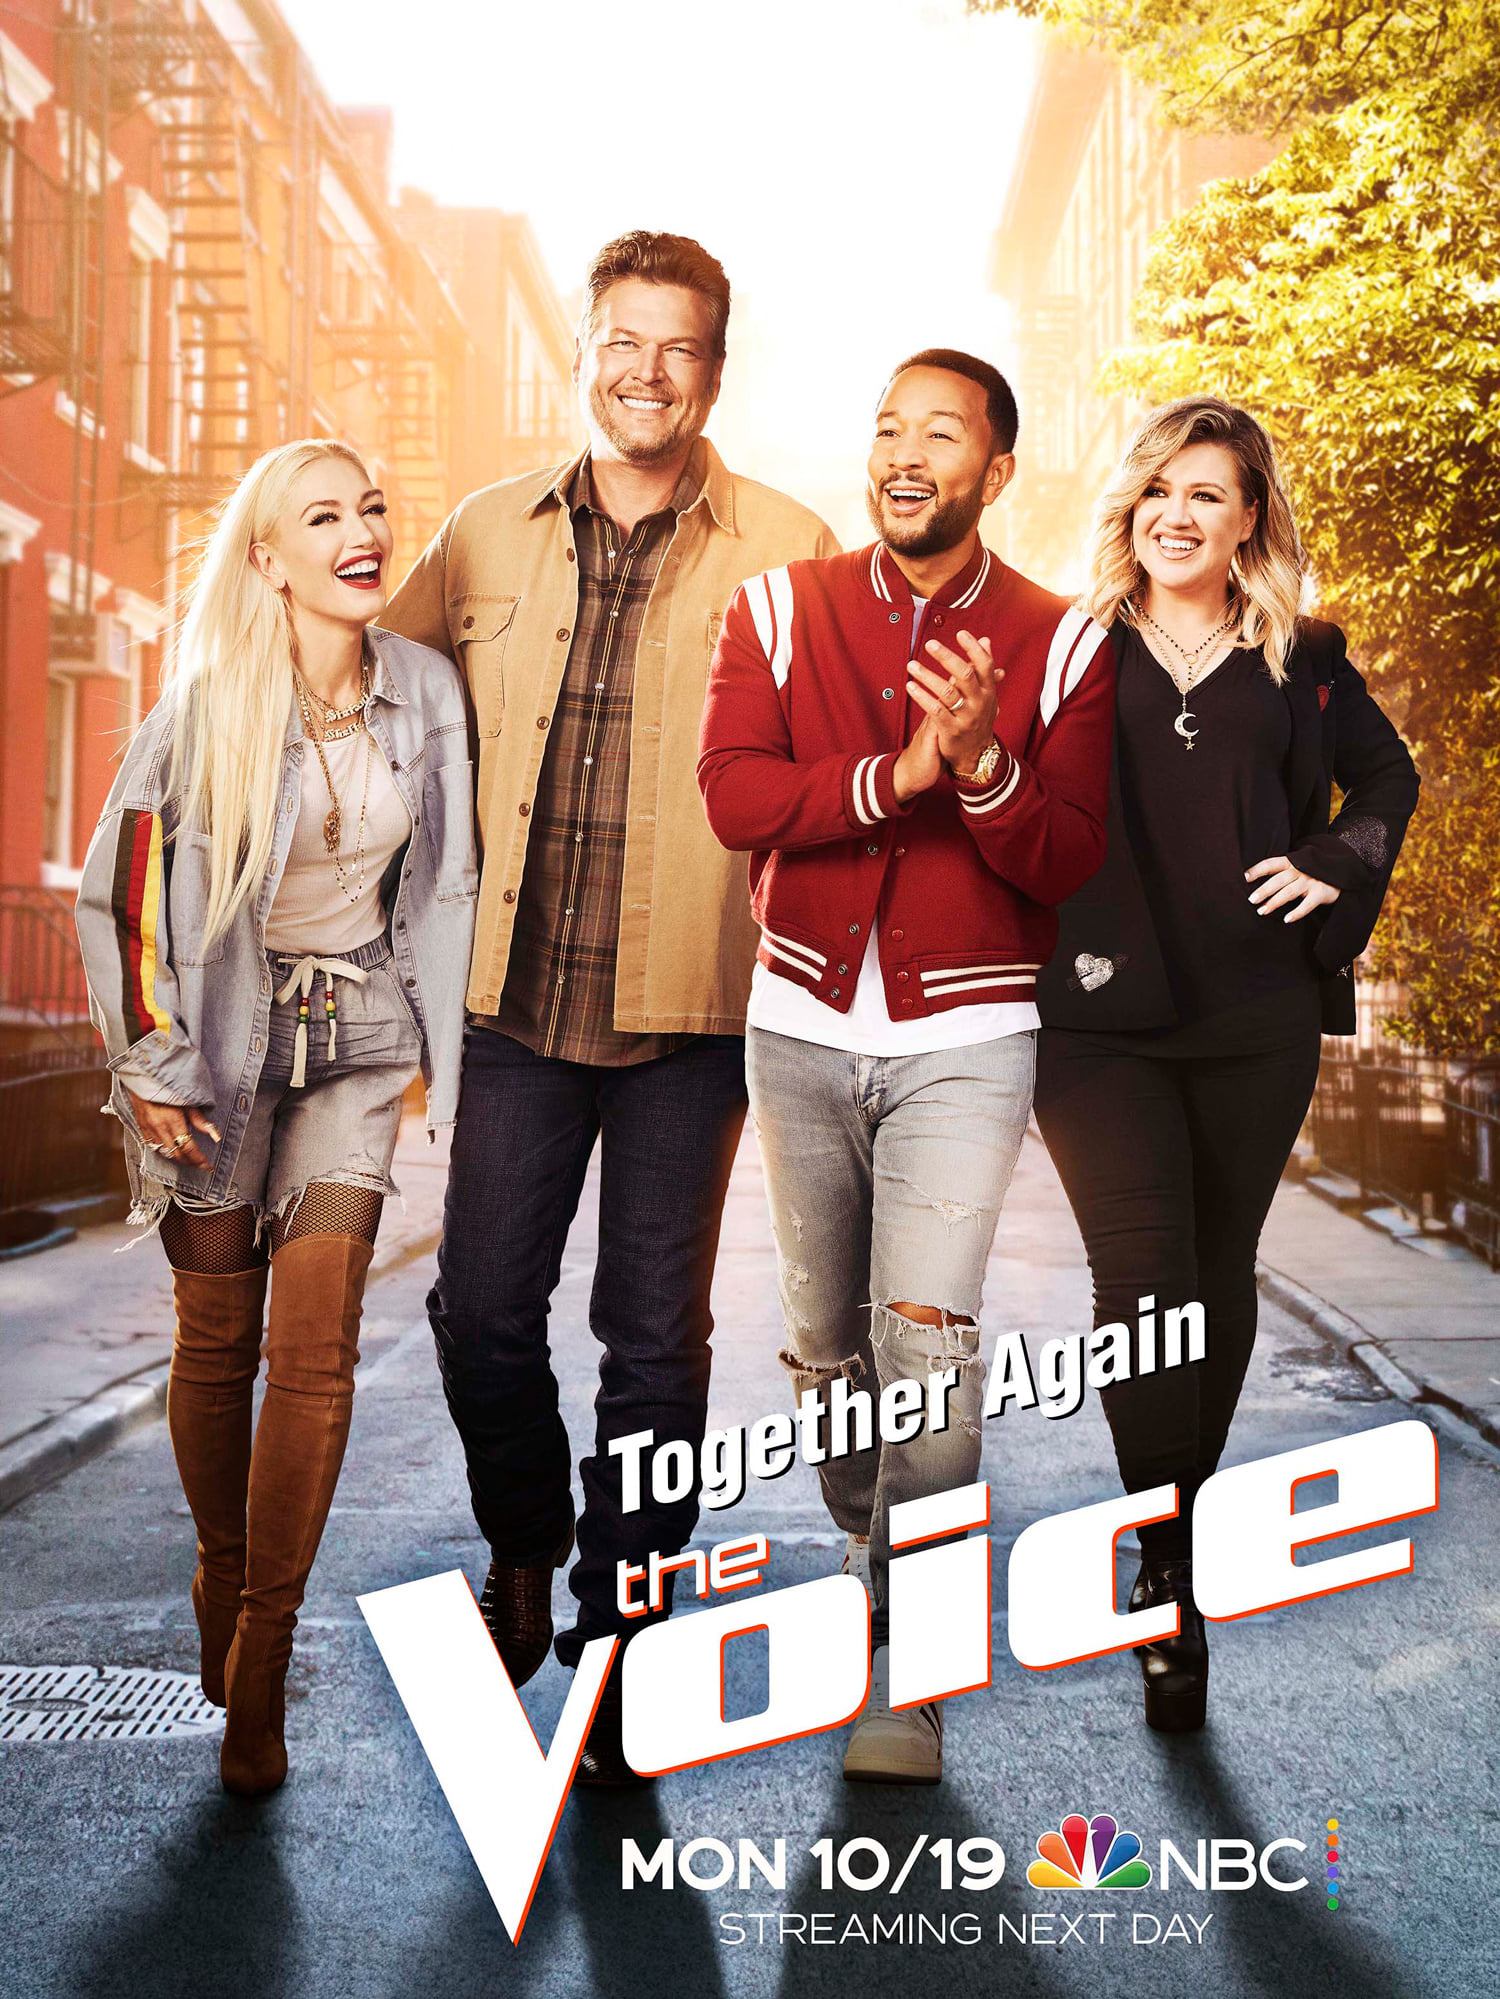 Blake Shelton e os jurados The Voice